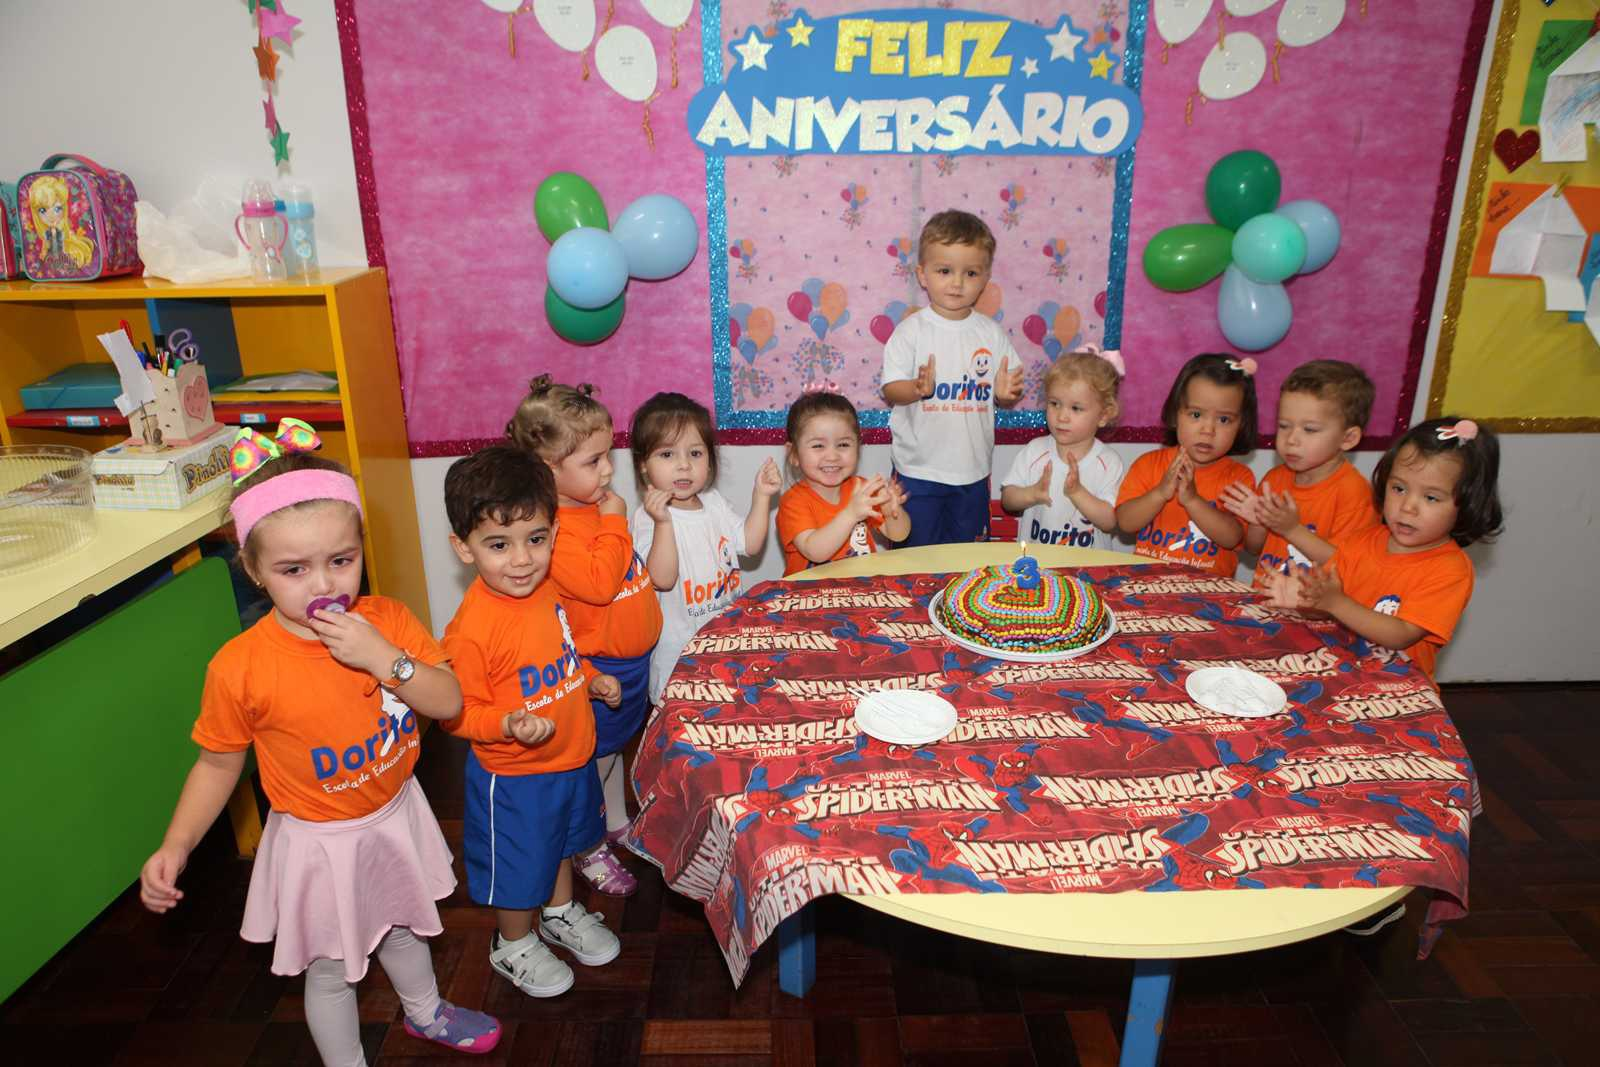 Aniversariantes de Abril - Escola Doritos